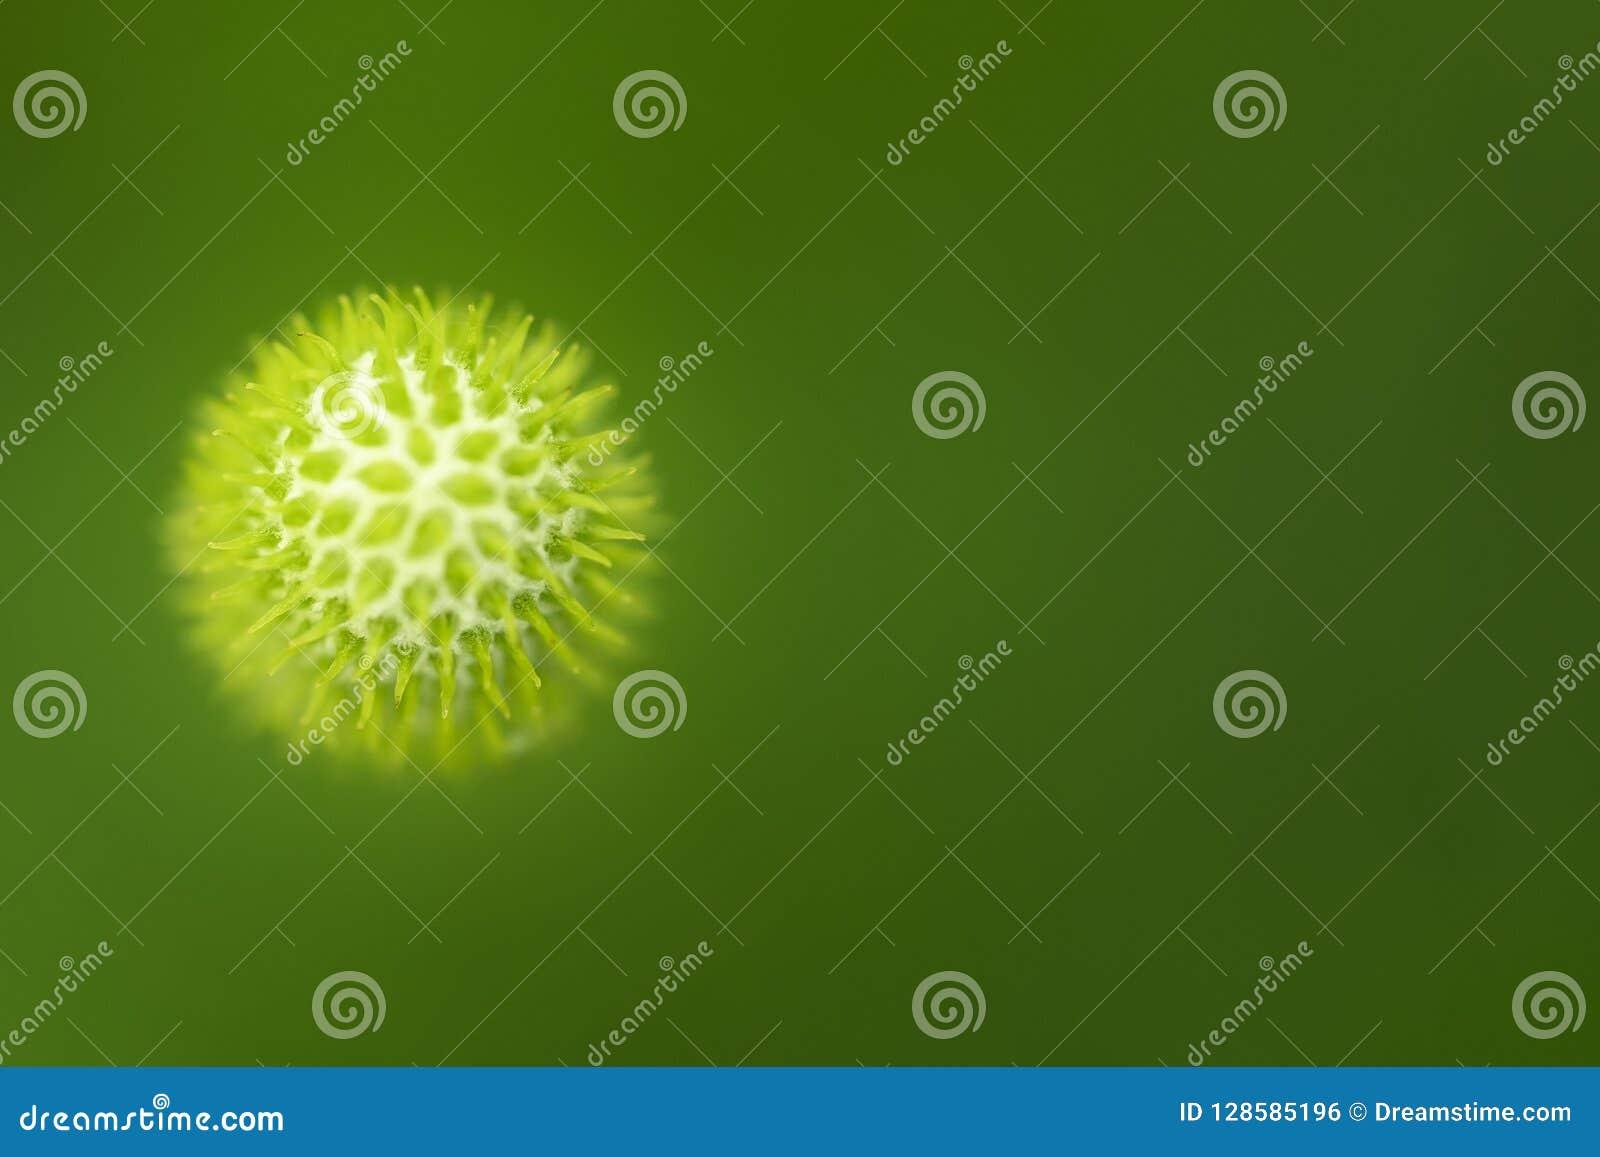 ΙΟΣ Εικόνα κινηματογραφήσεων σε πρώτο πλάνο ενός οργανικού κυττάρου στο πράσινο υπόβαθρο